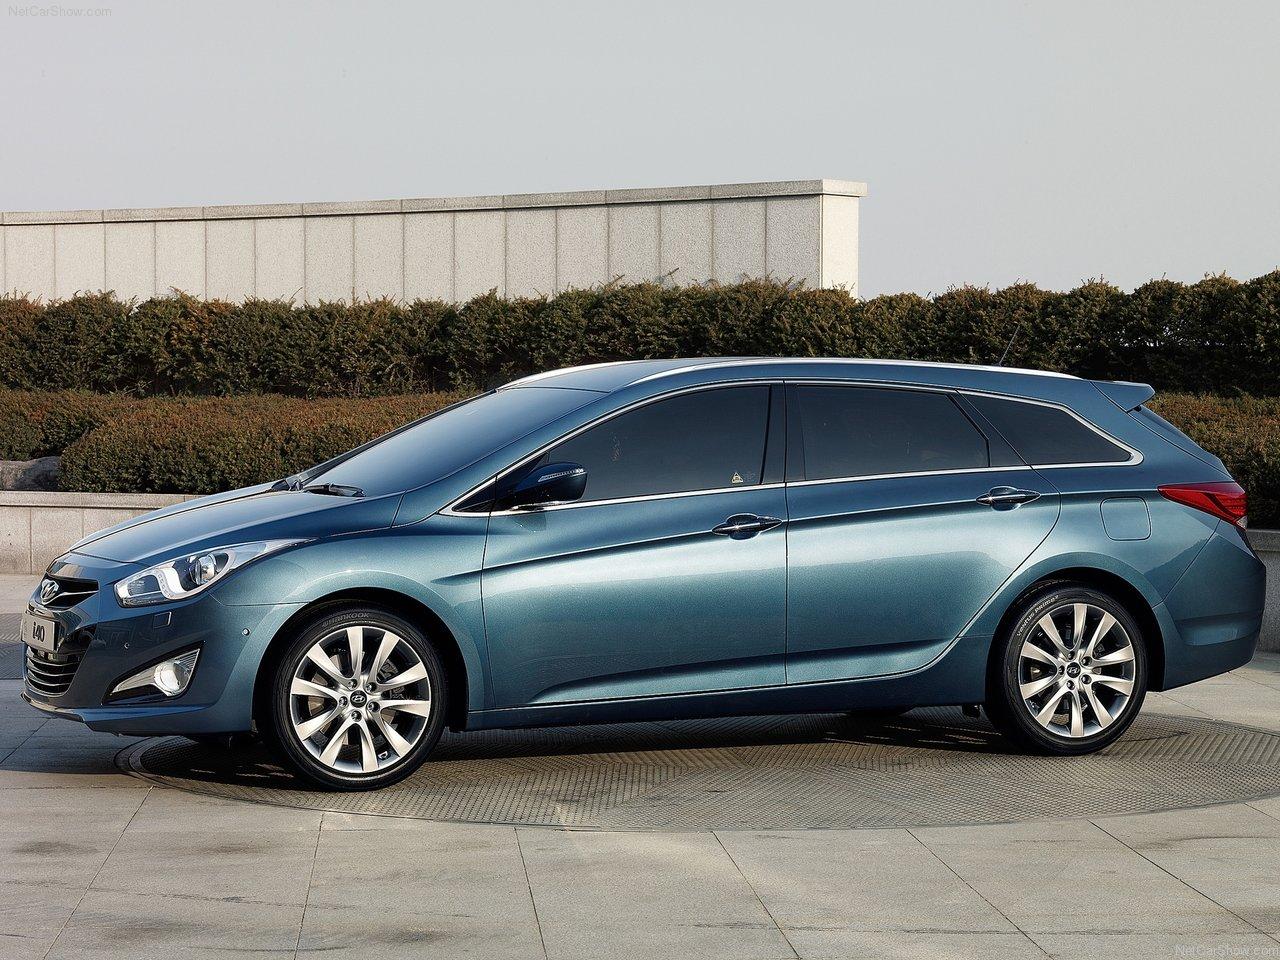 http://3.bp.blogspot.com/-R02T_eQDvVo/TW5JFnbc7II/AAAAAAACL_Q/xzUi2g84kqw/s1600/Hyundai-i40_2012_1280x960_wallpaper_05.jpg